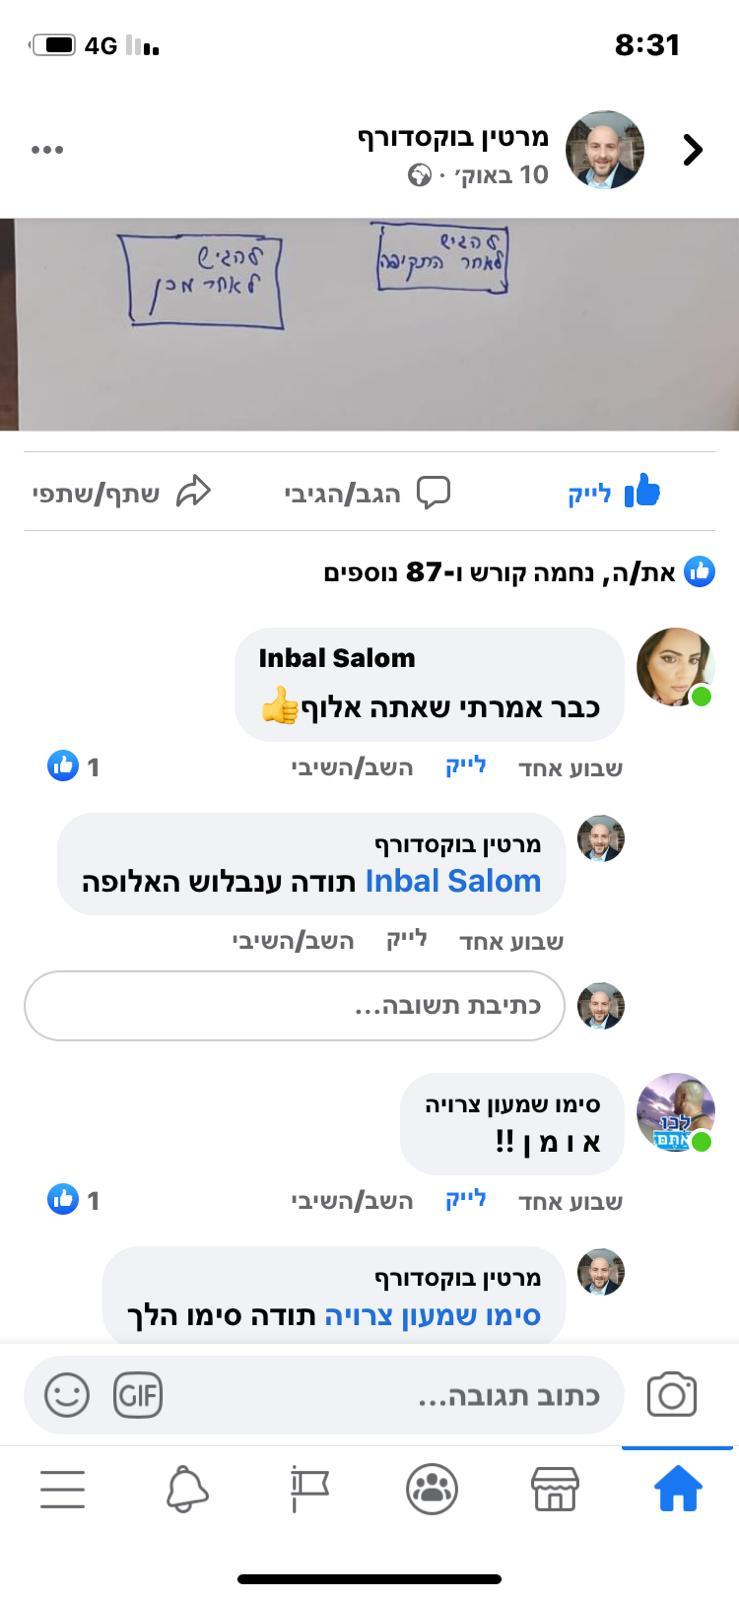 WhatsApp Image 2020-10-21 at 16.55.21